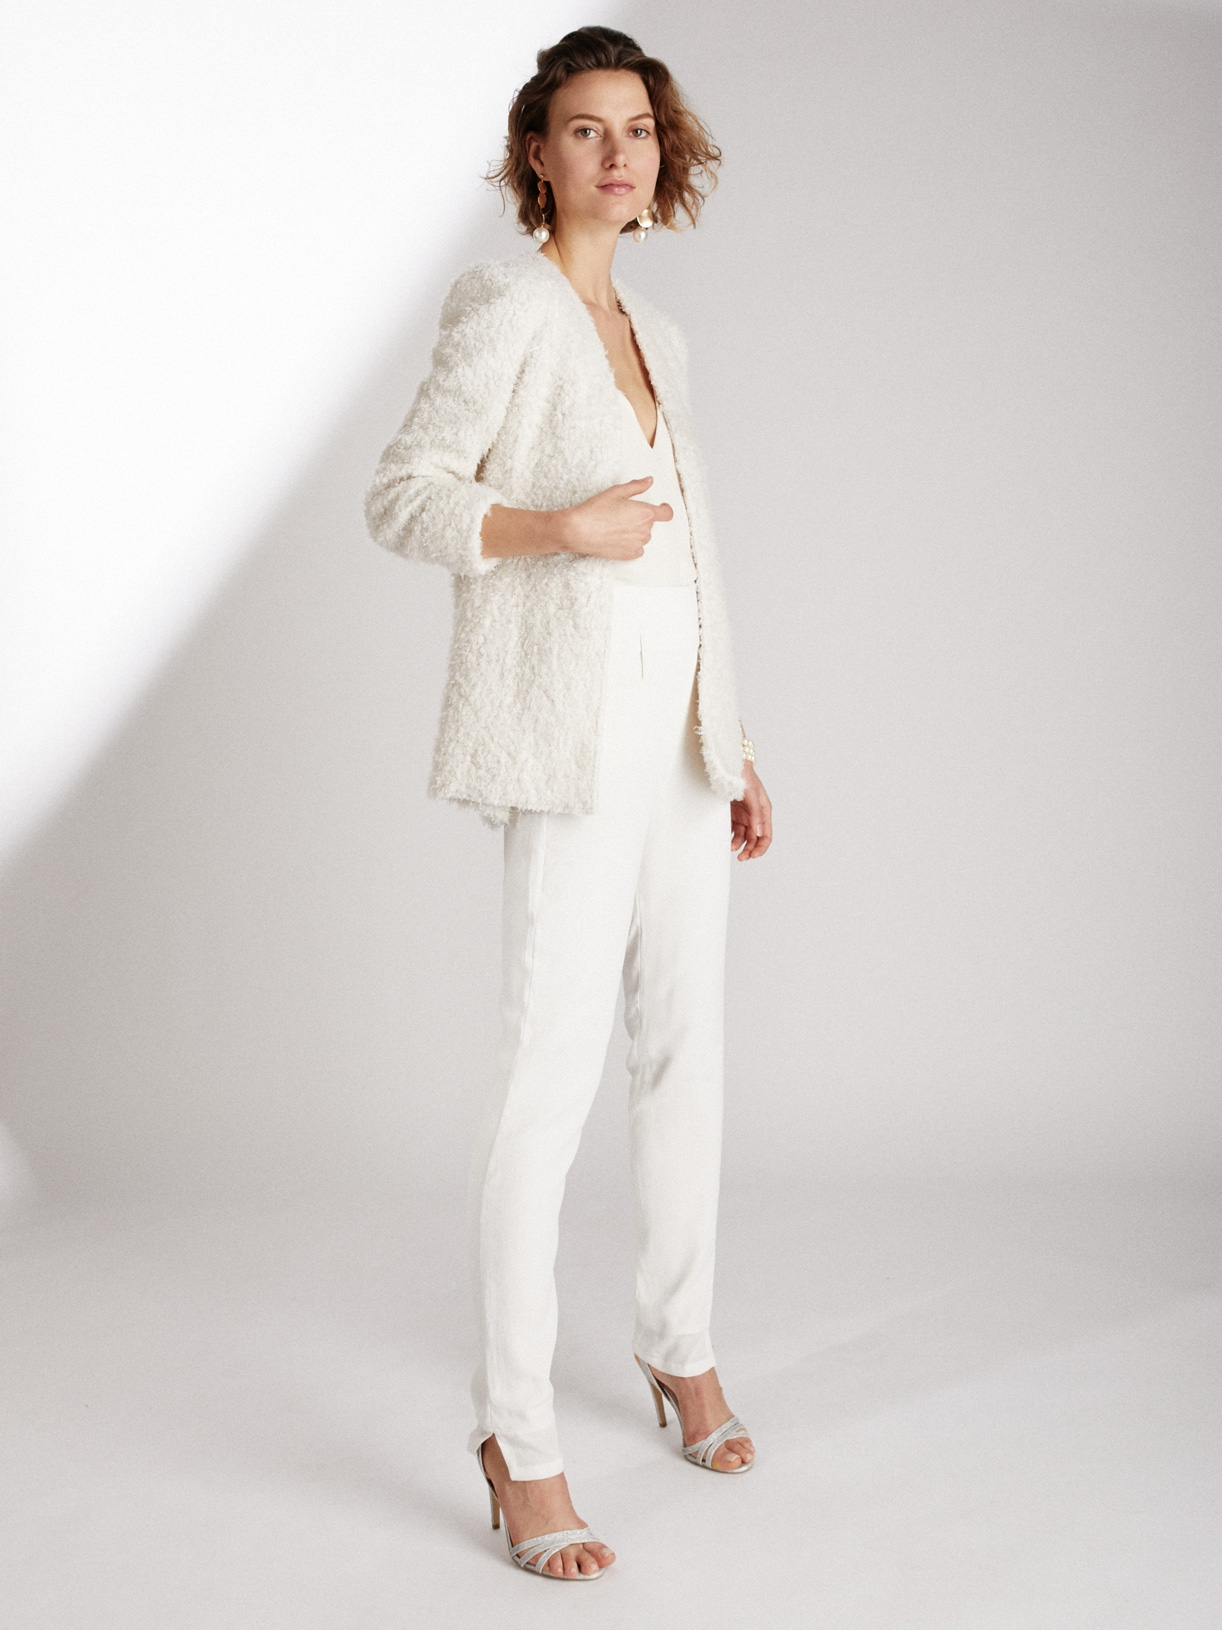 Pantalon cigarette de mariée vegan et écoresponsable - Creatrice de robe de mariée éthique et bio a Paris - Myphilosophy